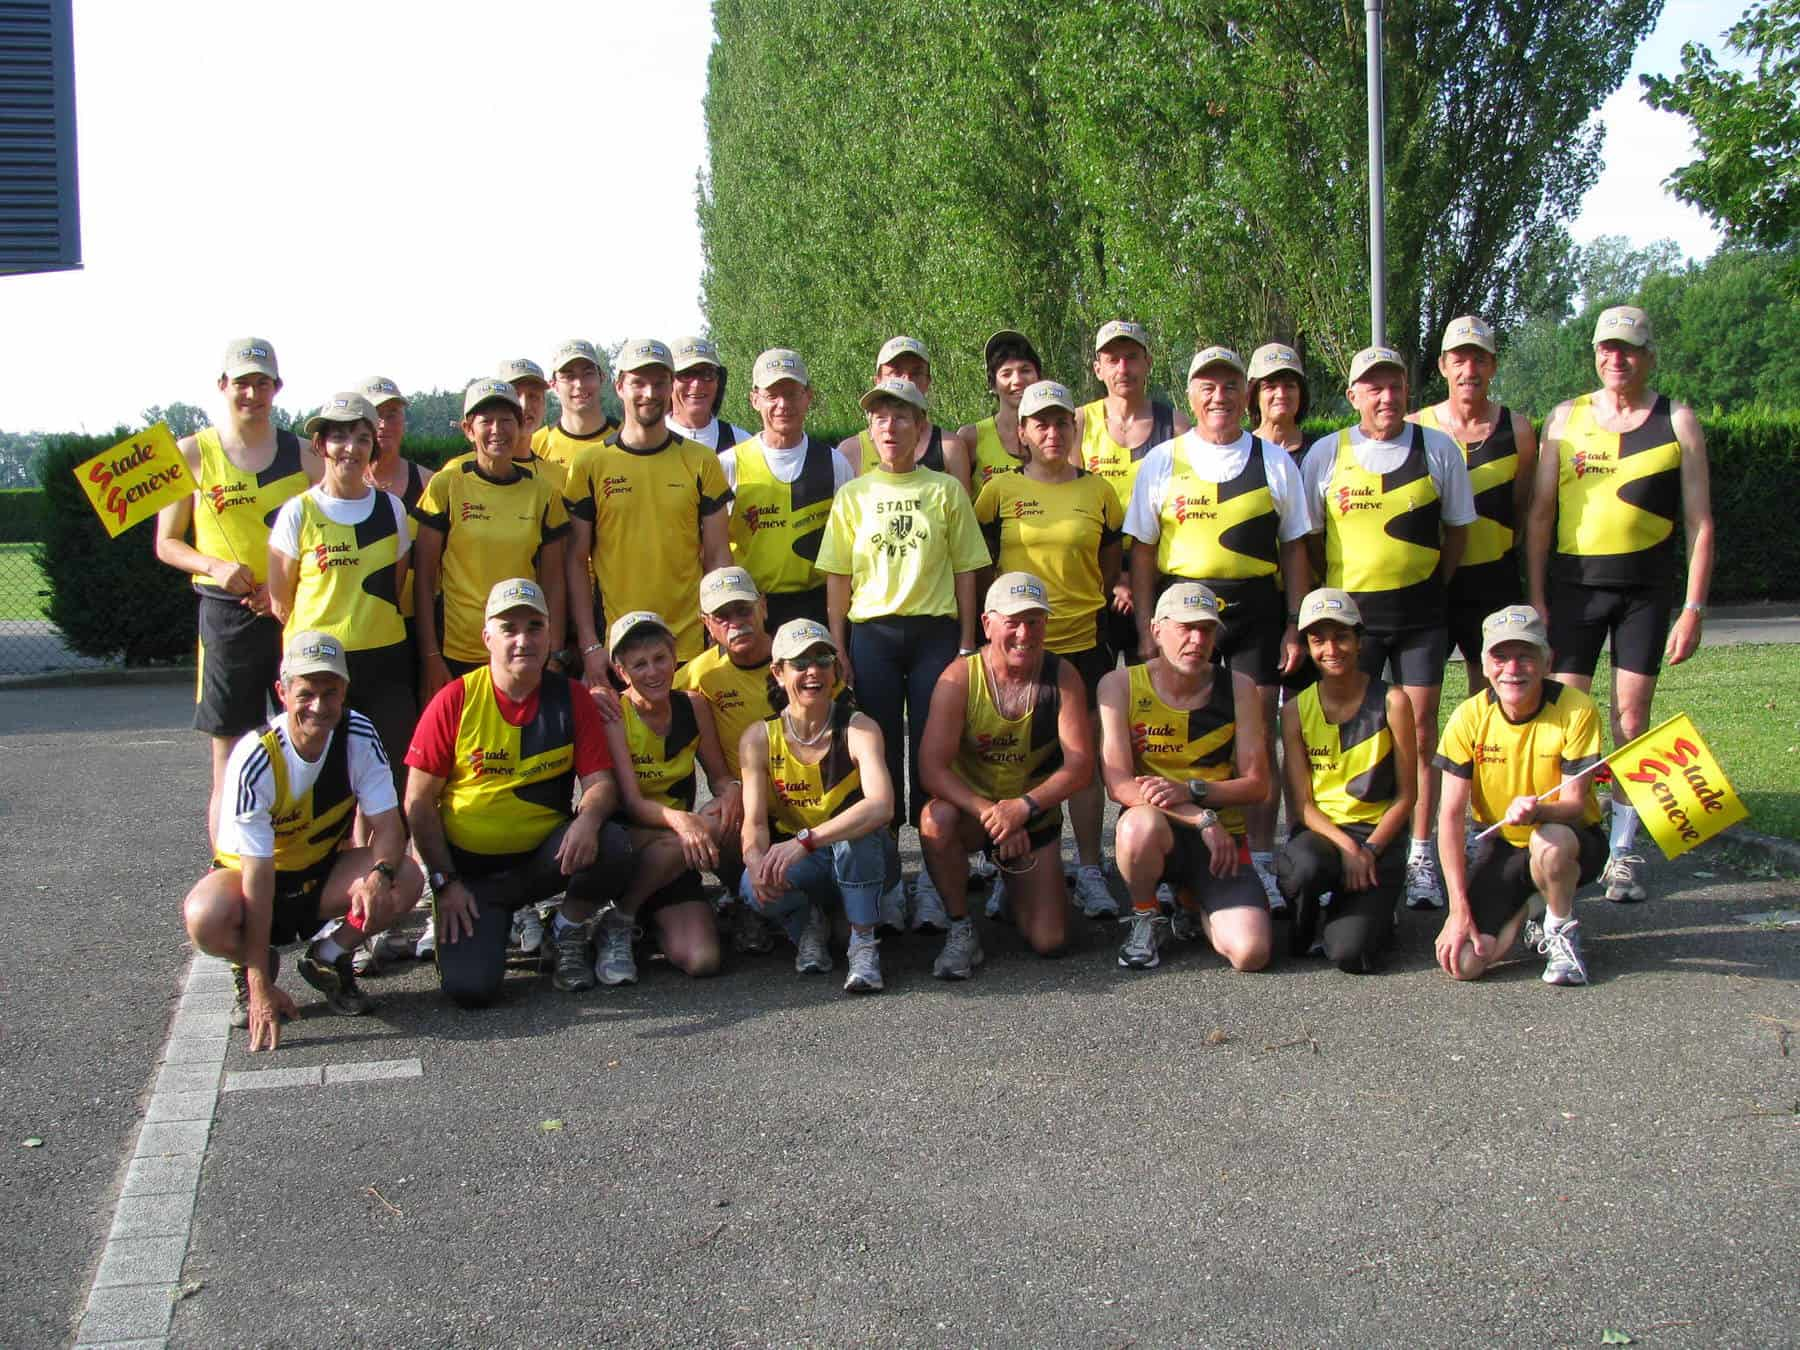 Stade Genève Alsace 2009 - 001